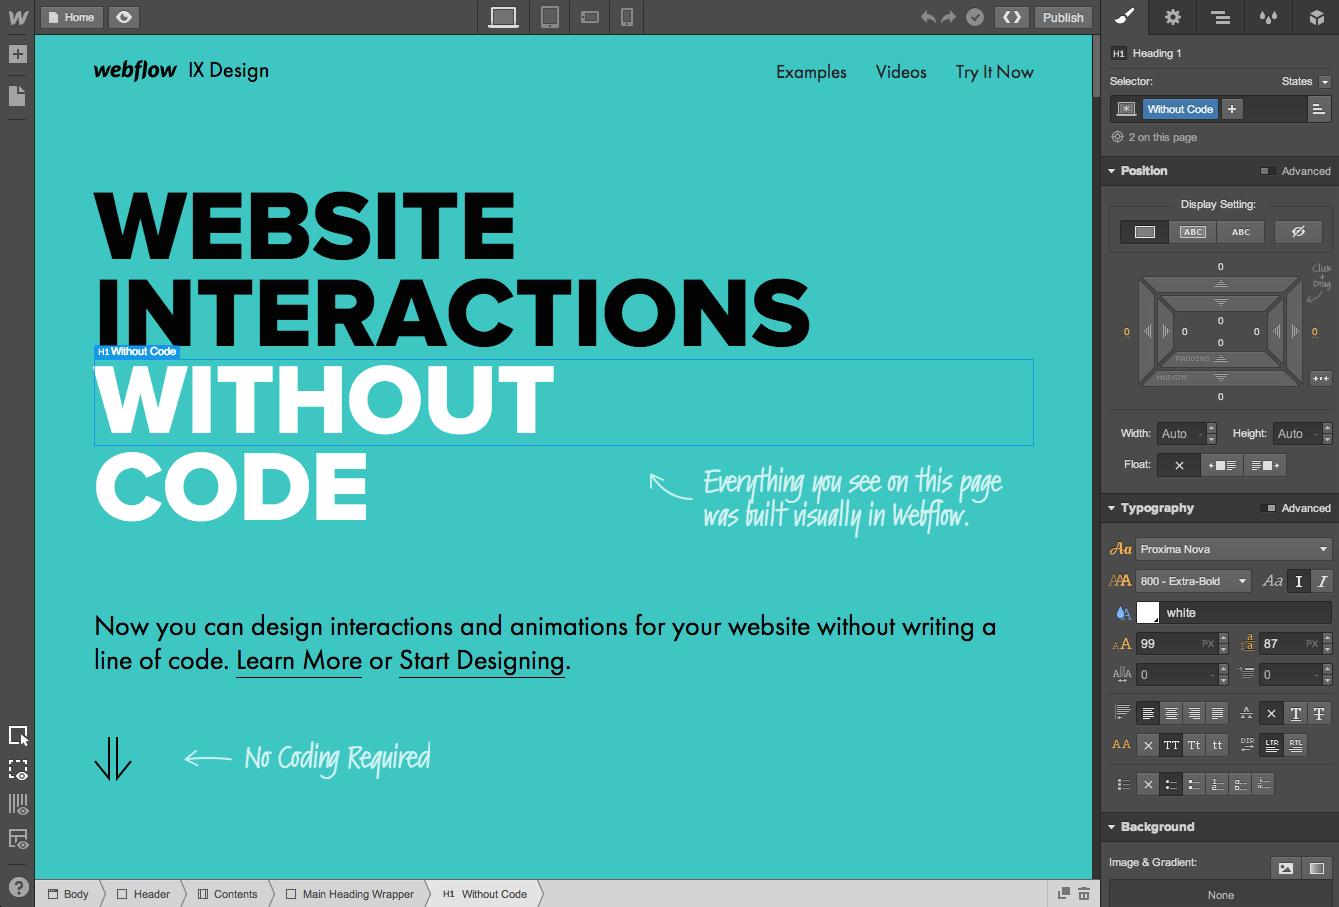 Webflow, la herramienta para crear sitios web profesionales gratis - Interfaz de diseño